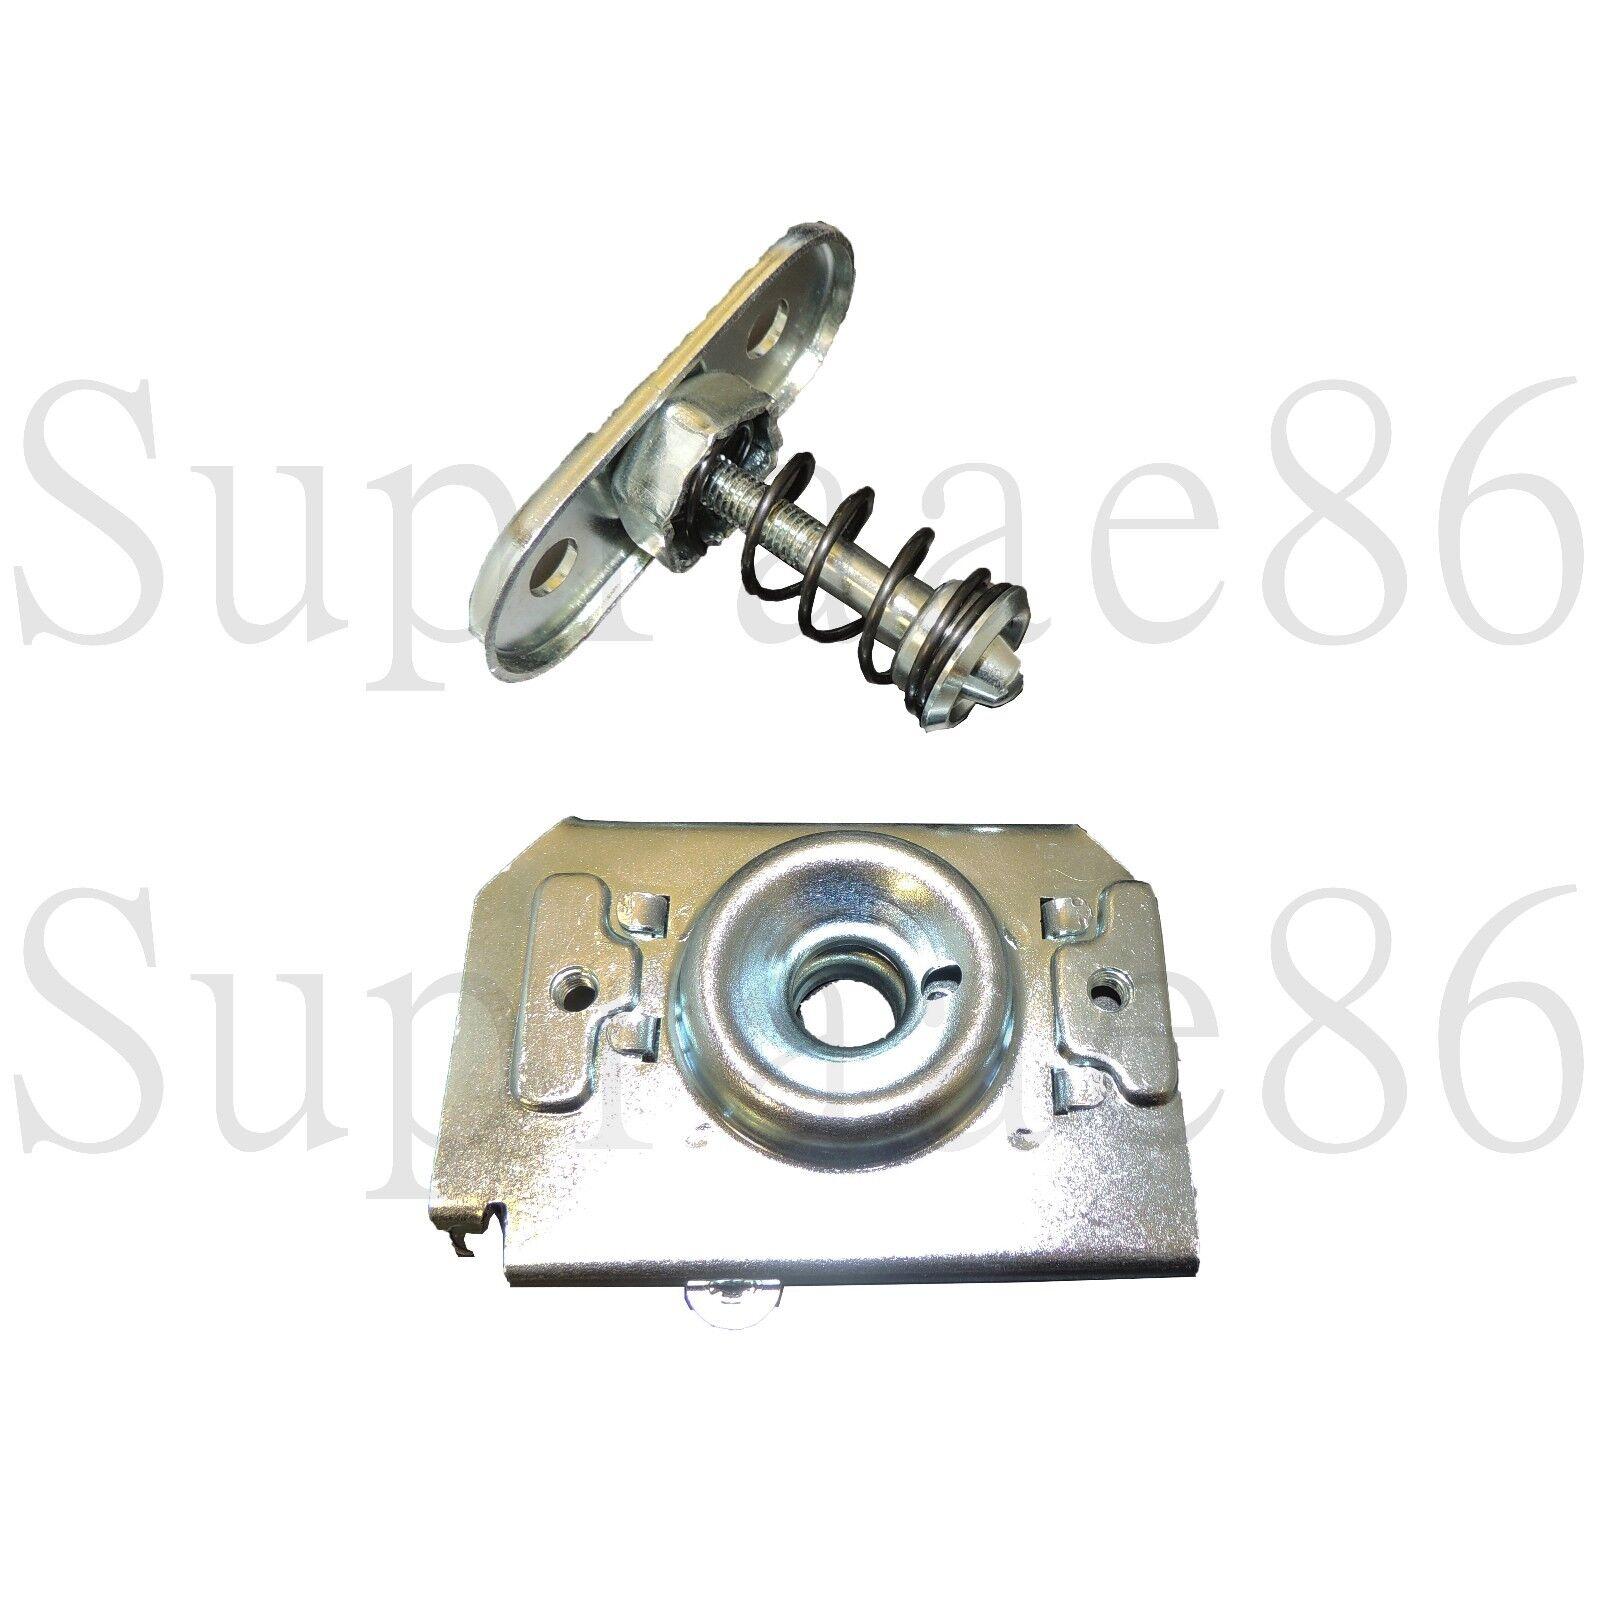 1965-1989 PORSCHE 911 912 930 WARRANTY Decklid Lock LOWER JP GROUP DANSK